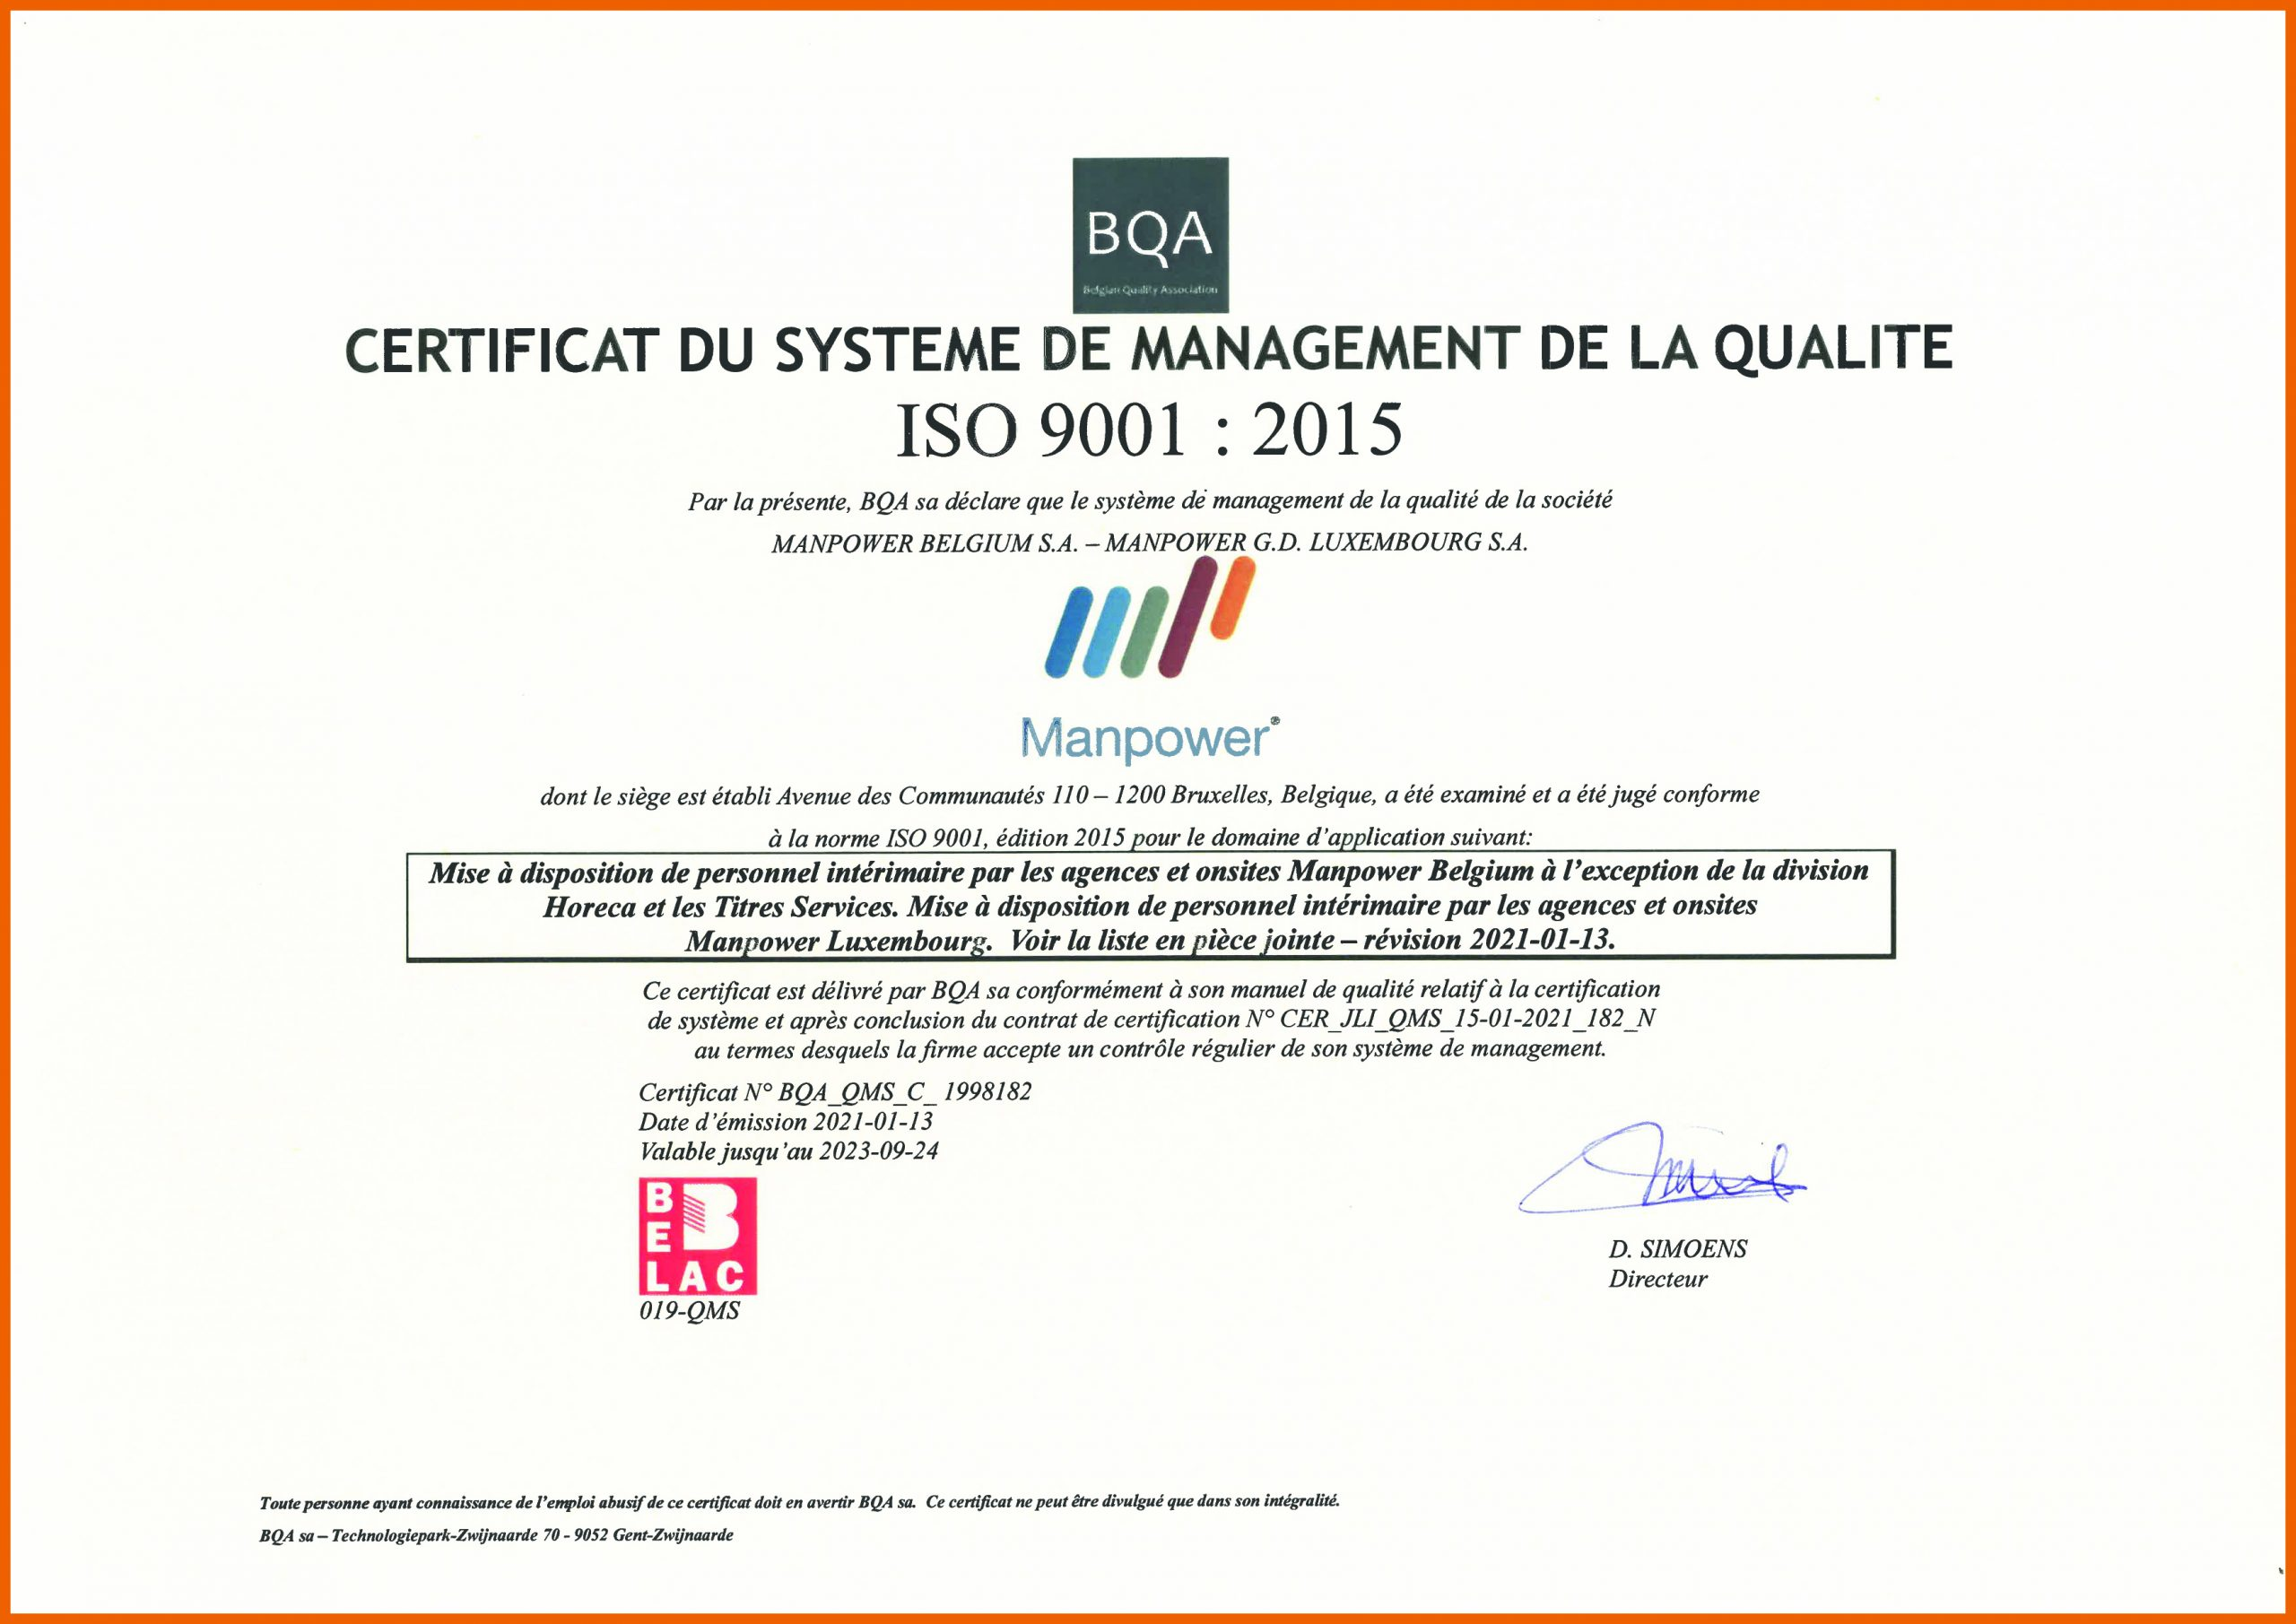 certificat ISO 9001:1998